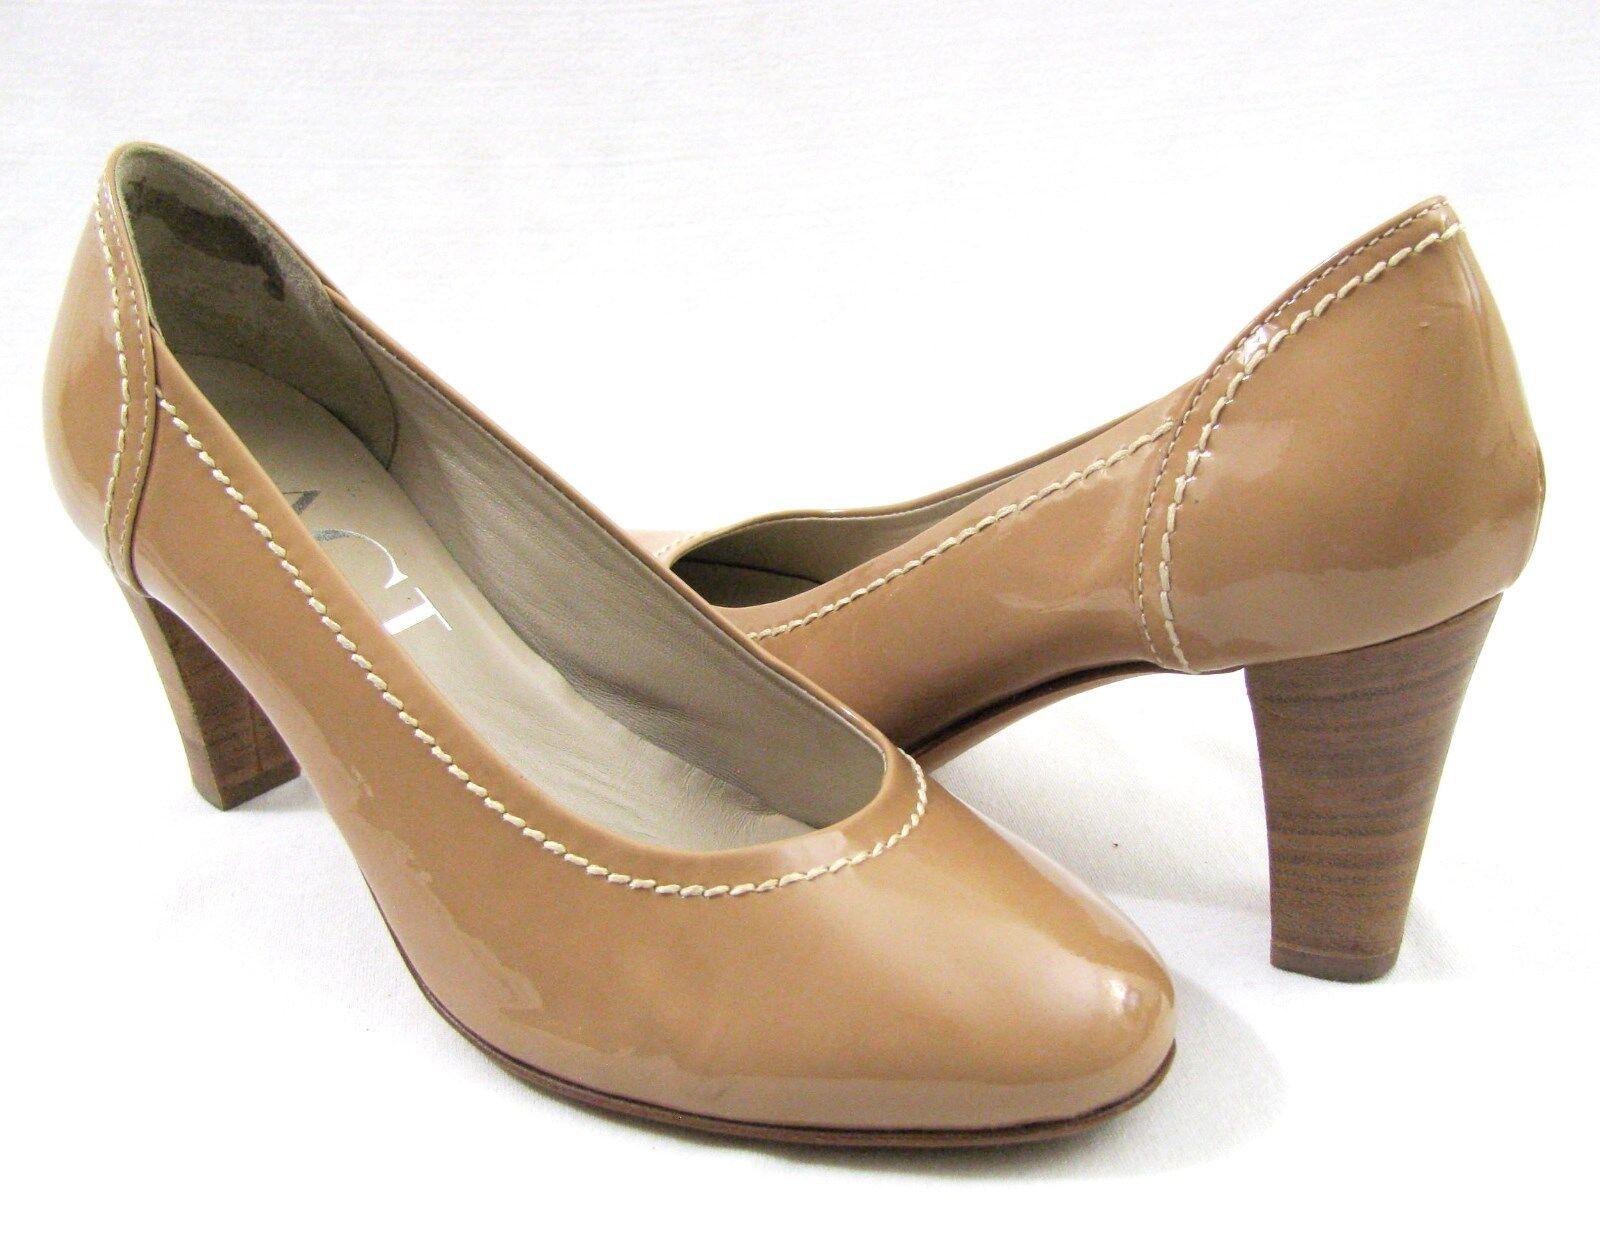 popolare AGL Nude Patent Leather Tan Pump Pump Pump 9 Nude Heels  39 Attilio Giusti Leombruni   prodotto di qualità